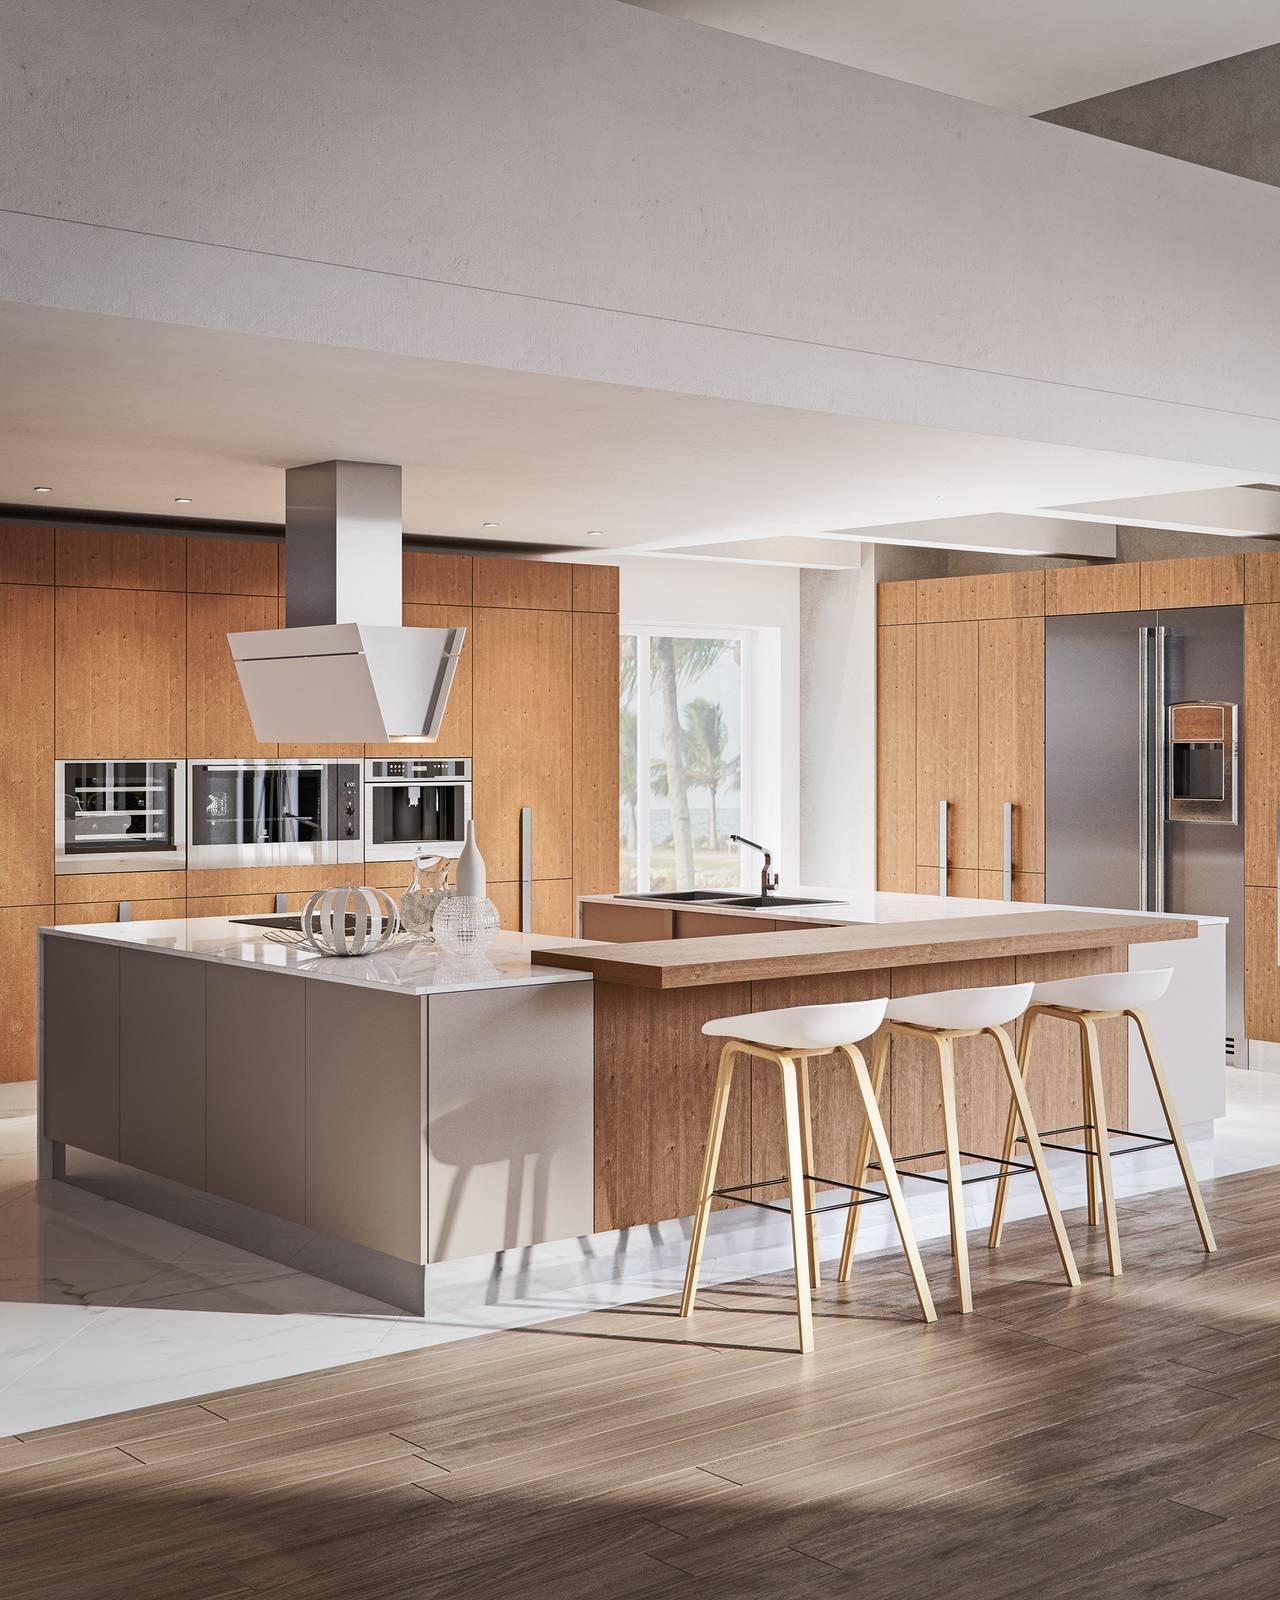 La cucina a u raccolta ergonomica funzionale cose di casa - Cucina a ferro di cavallo ...